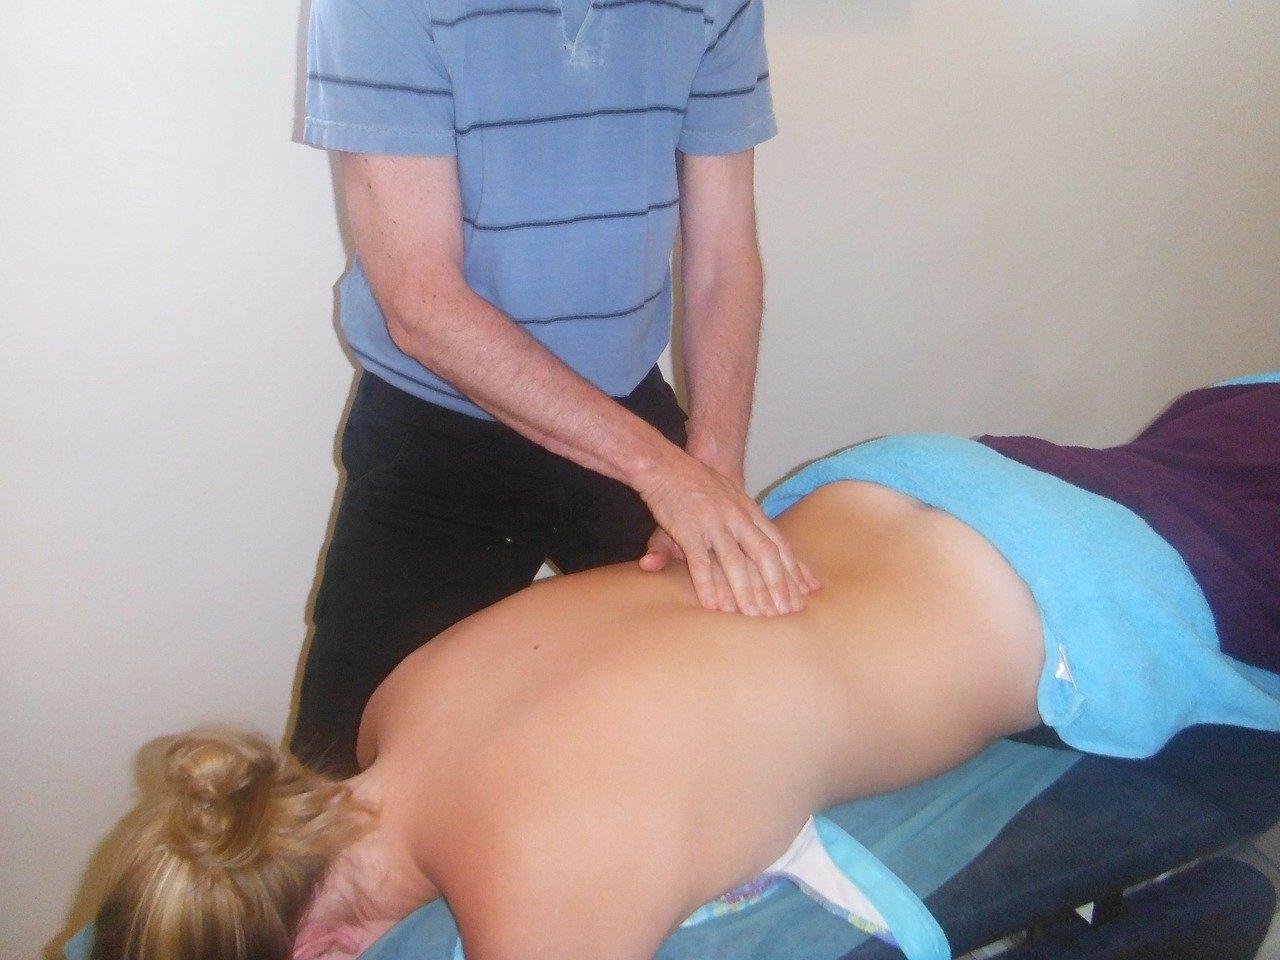 Praktijk voor Fysiotherapie Postjesweg fysiotherapie kosten